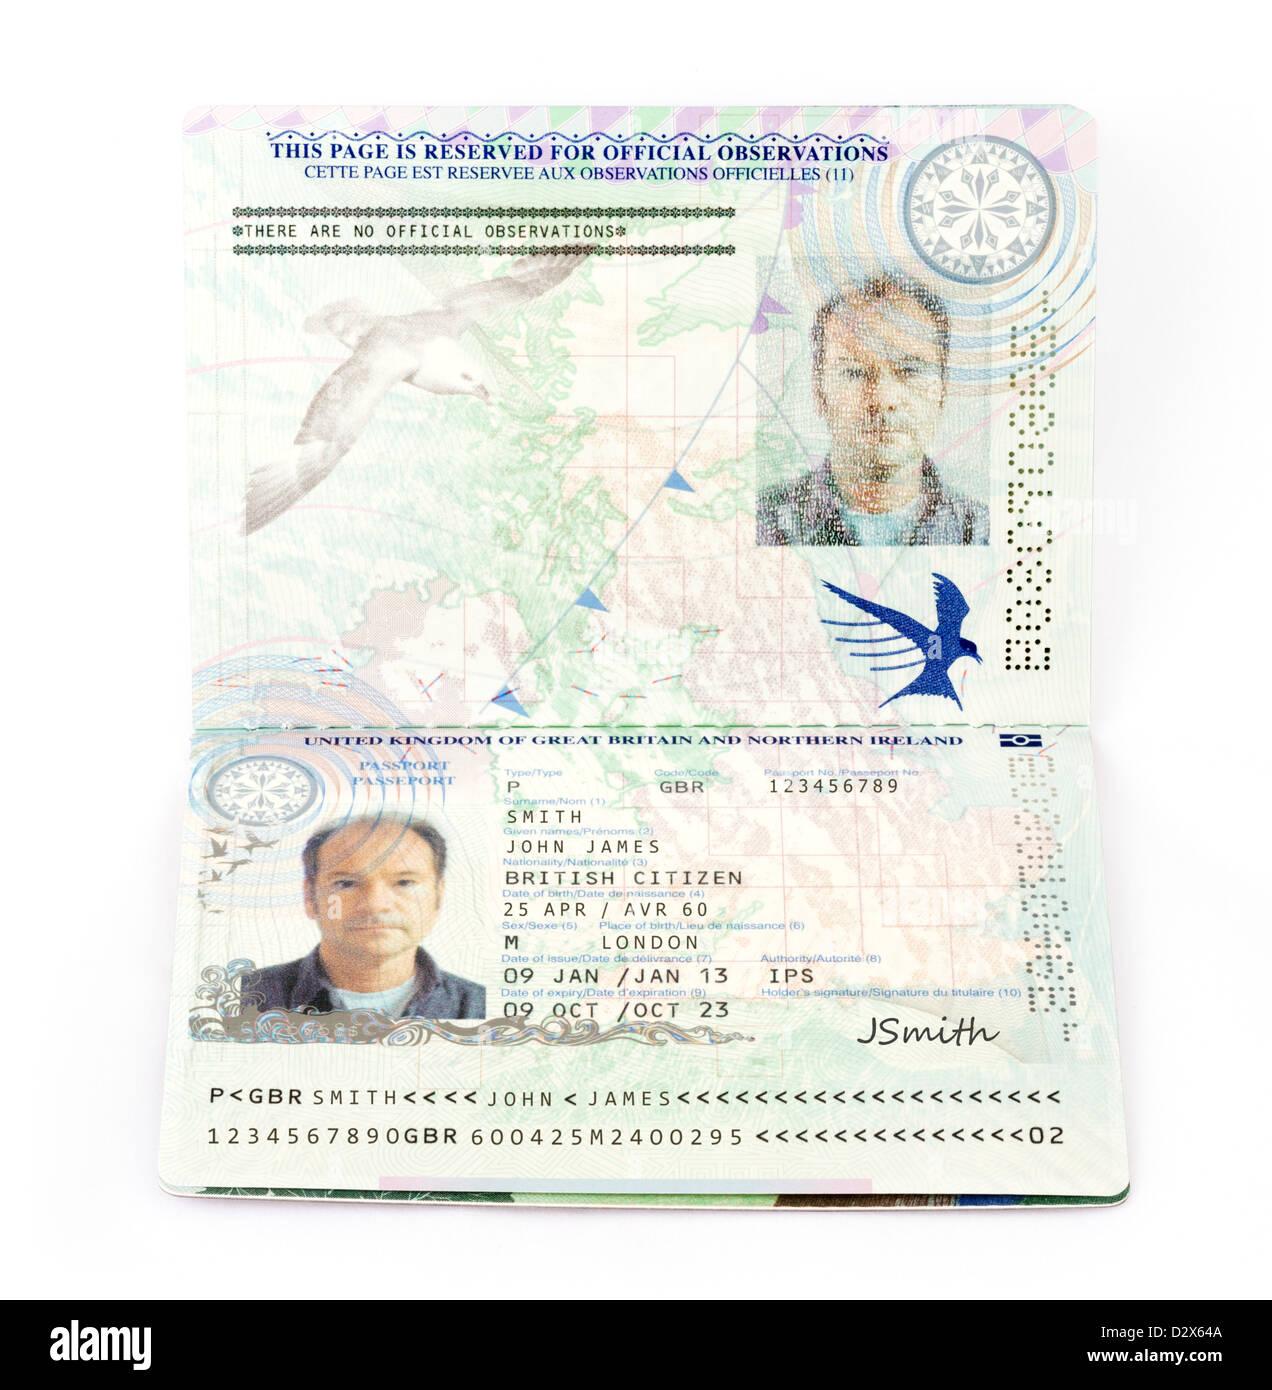 Ein 2013 Europäische Union biometrischer Reisepass für das Vereinigte Königreich (mit fiktiven Daten) Stockbild